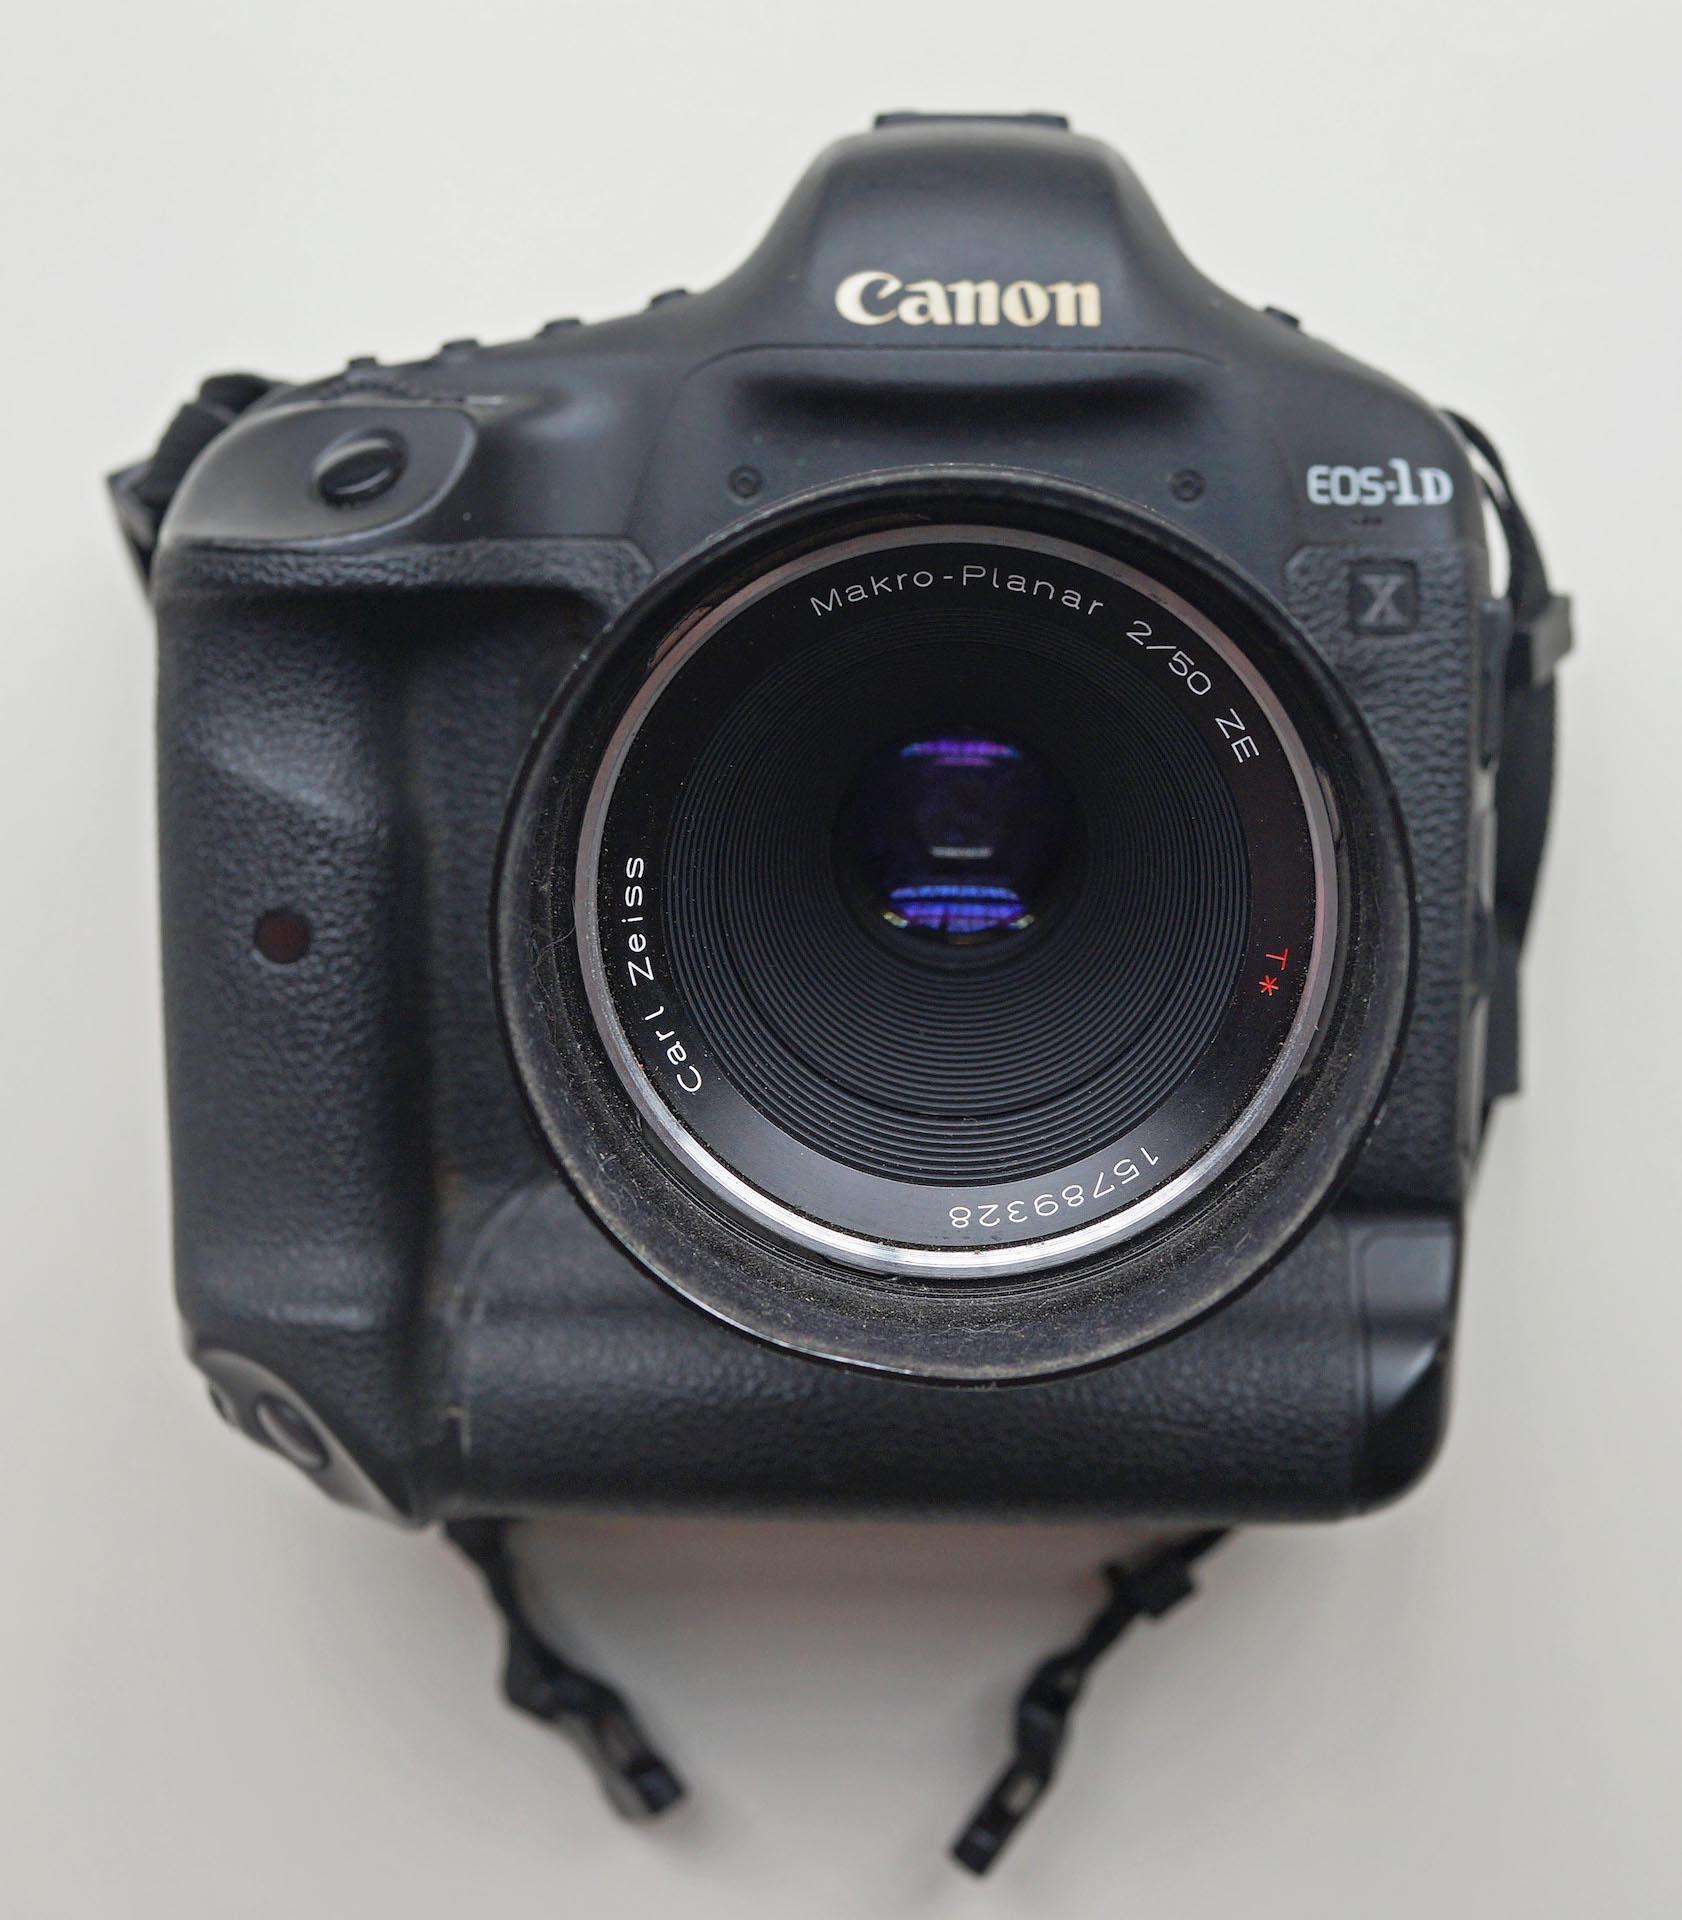 fpn_1570170513__camera_gear.jpg